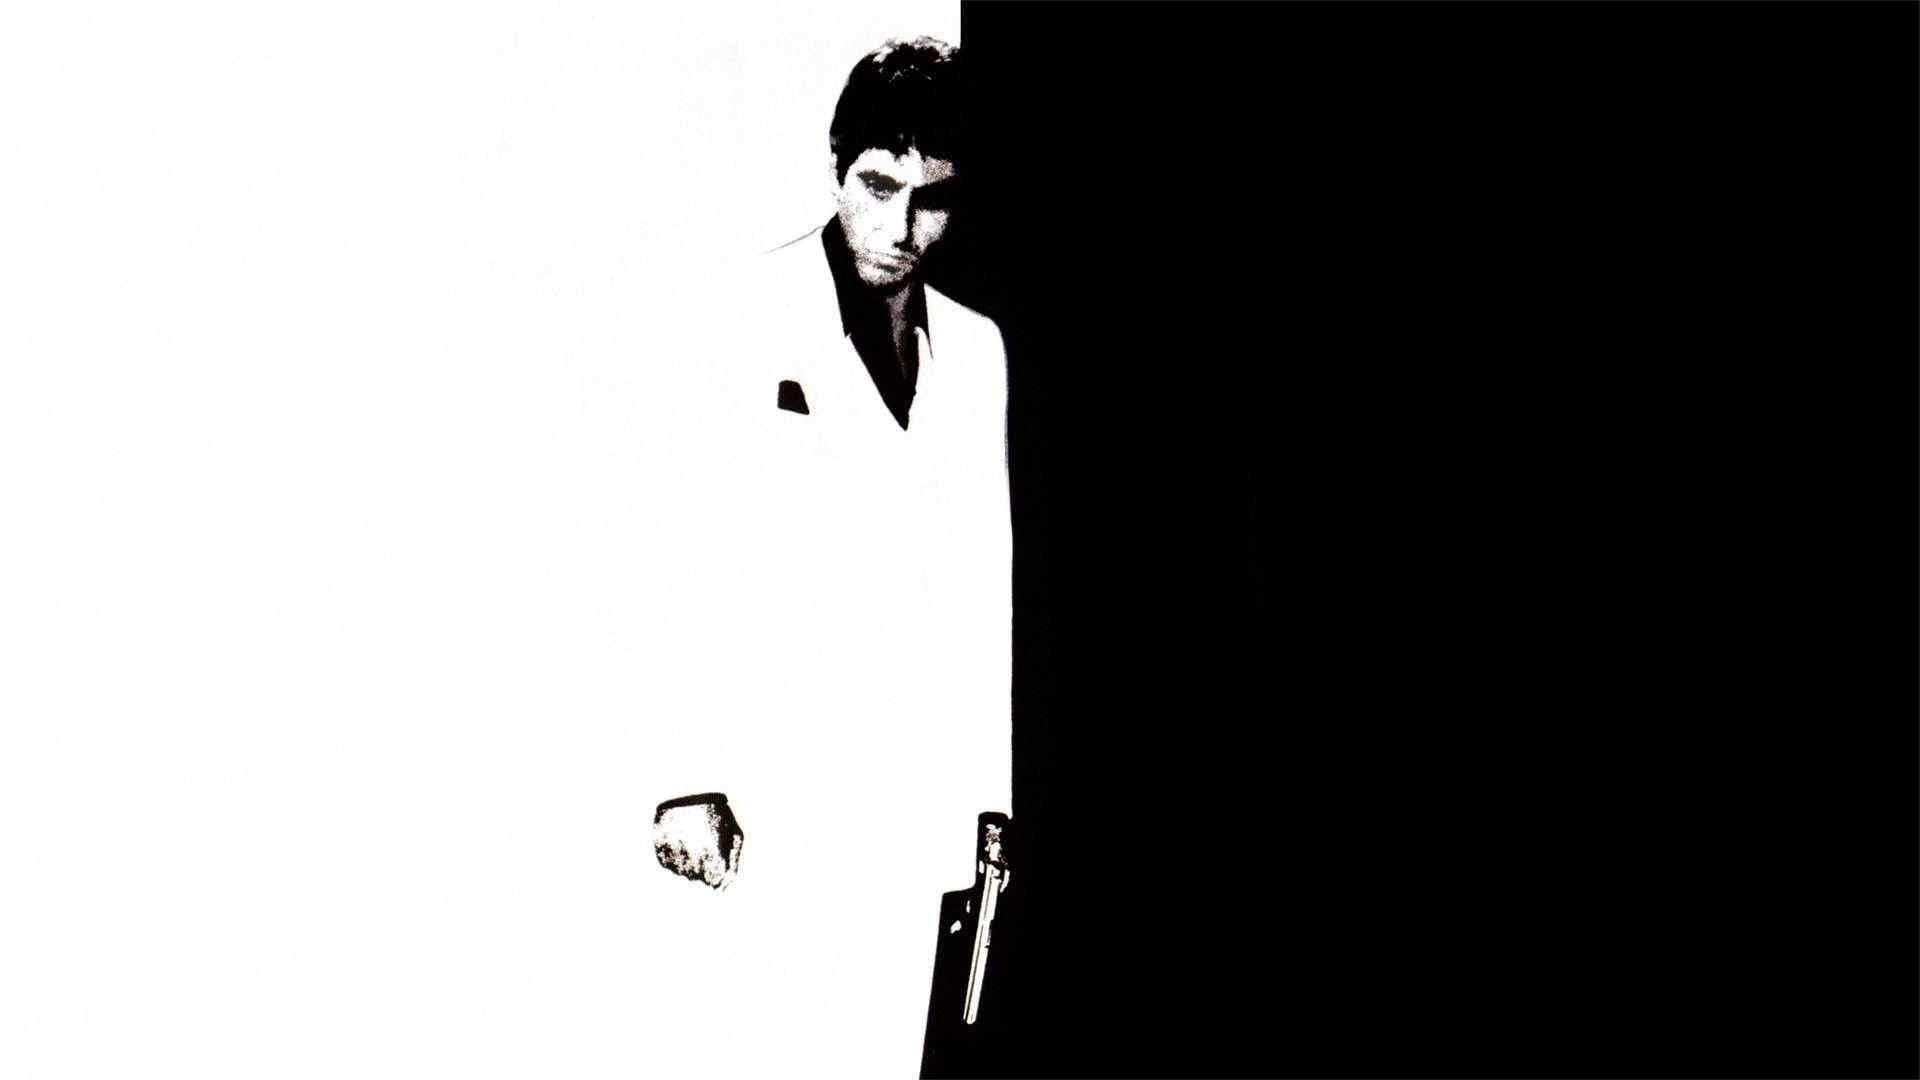 Al Pacino On Scarface Wallpaper Hd Celebrity By Free Hd In